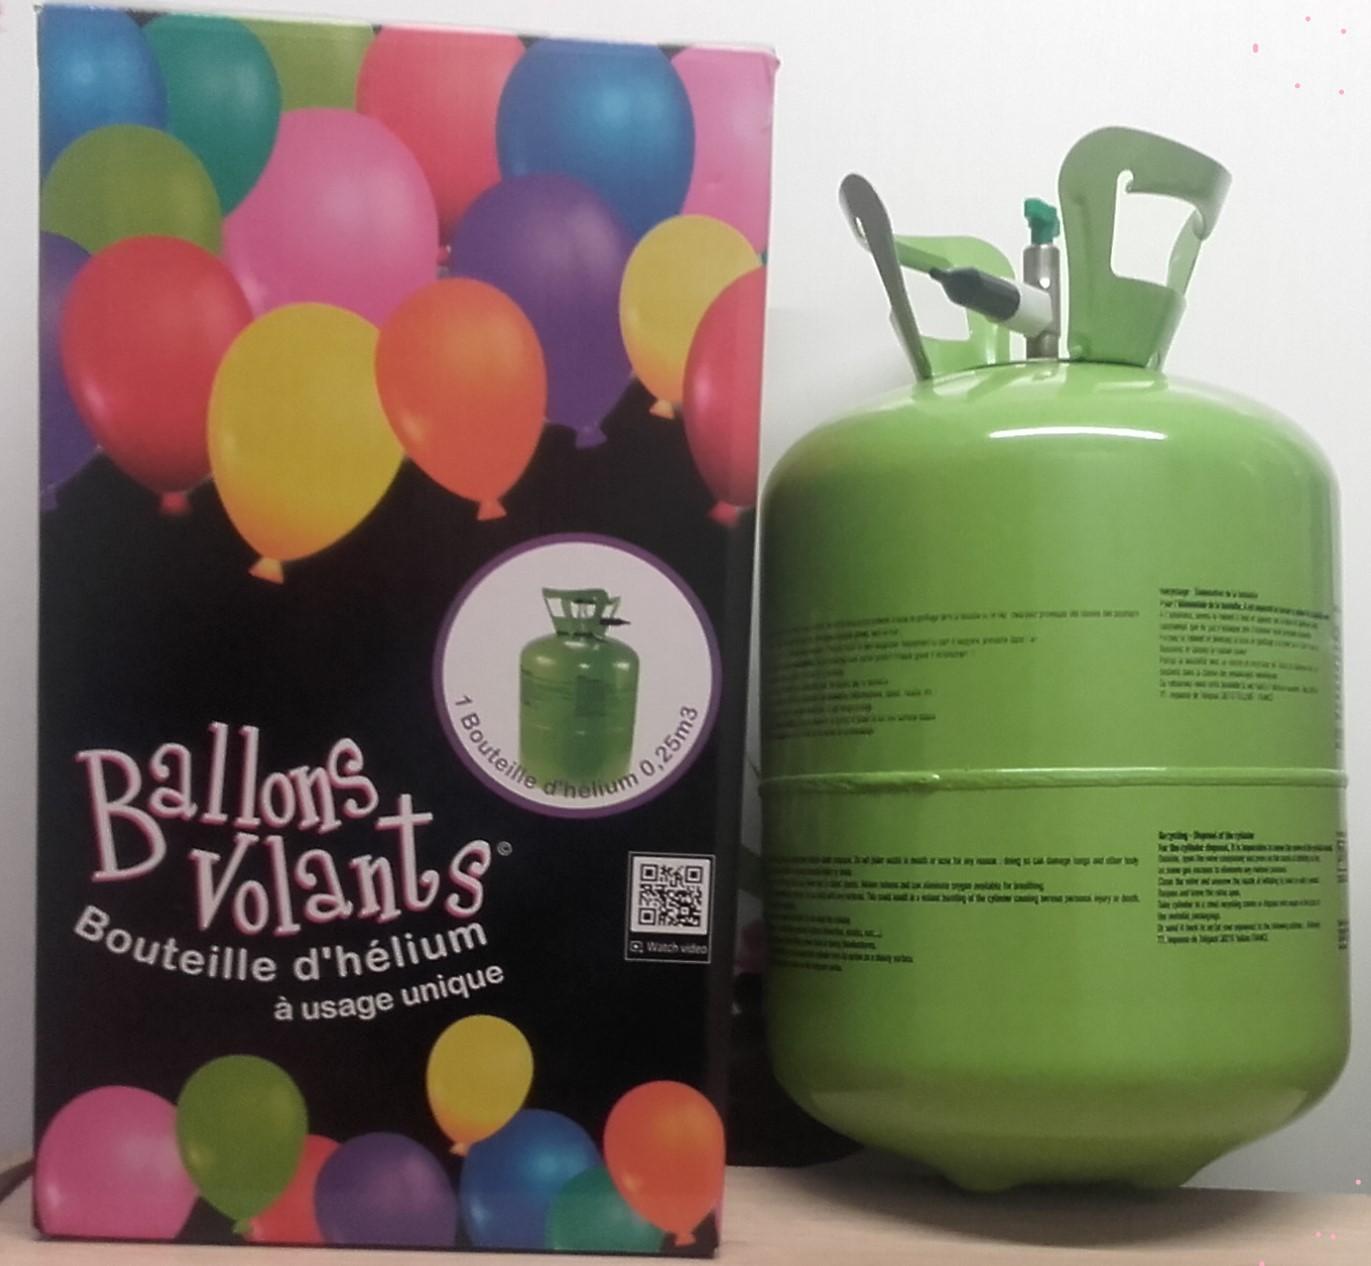 J'ai testé pour vous pOUR UNE FETE REUSSIE  !!!!  Bouteille d'hélium 0,25m3